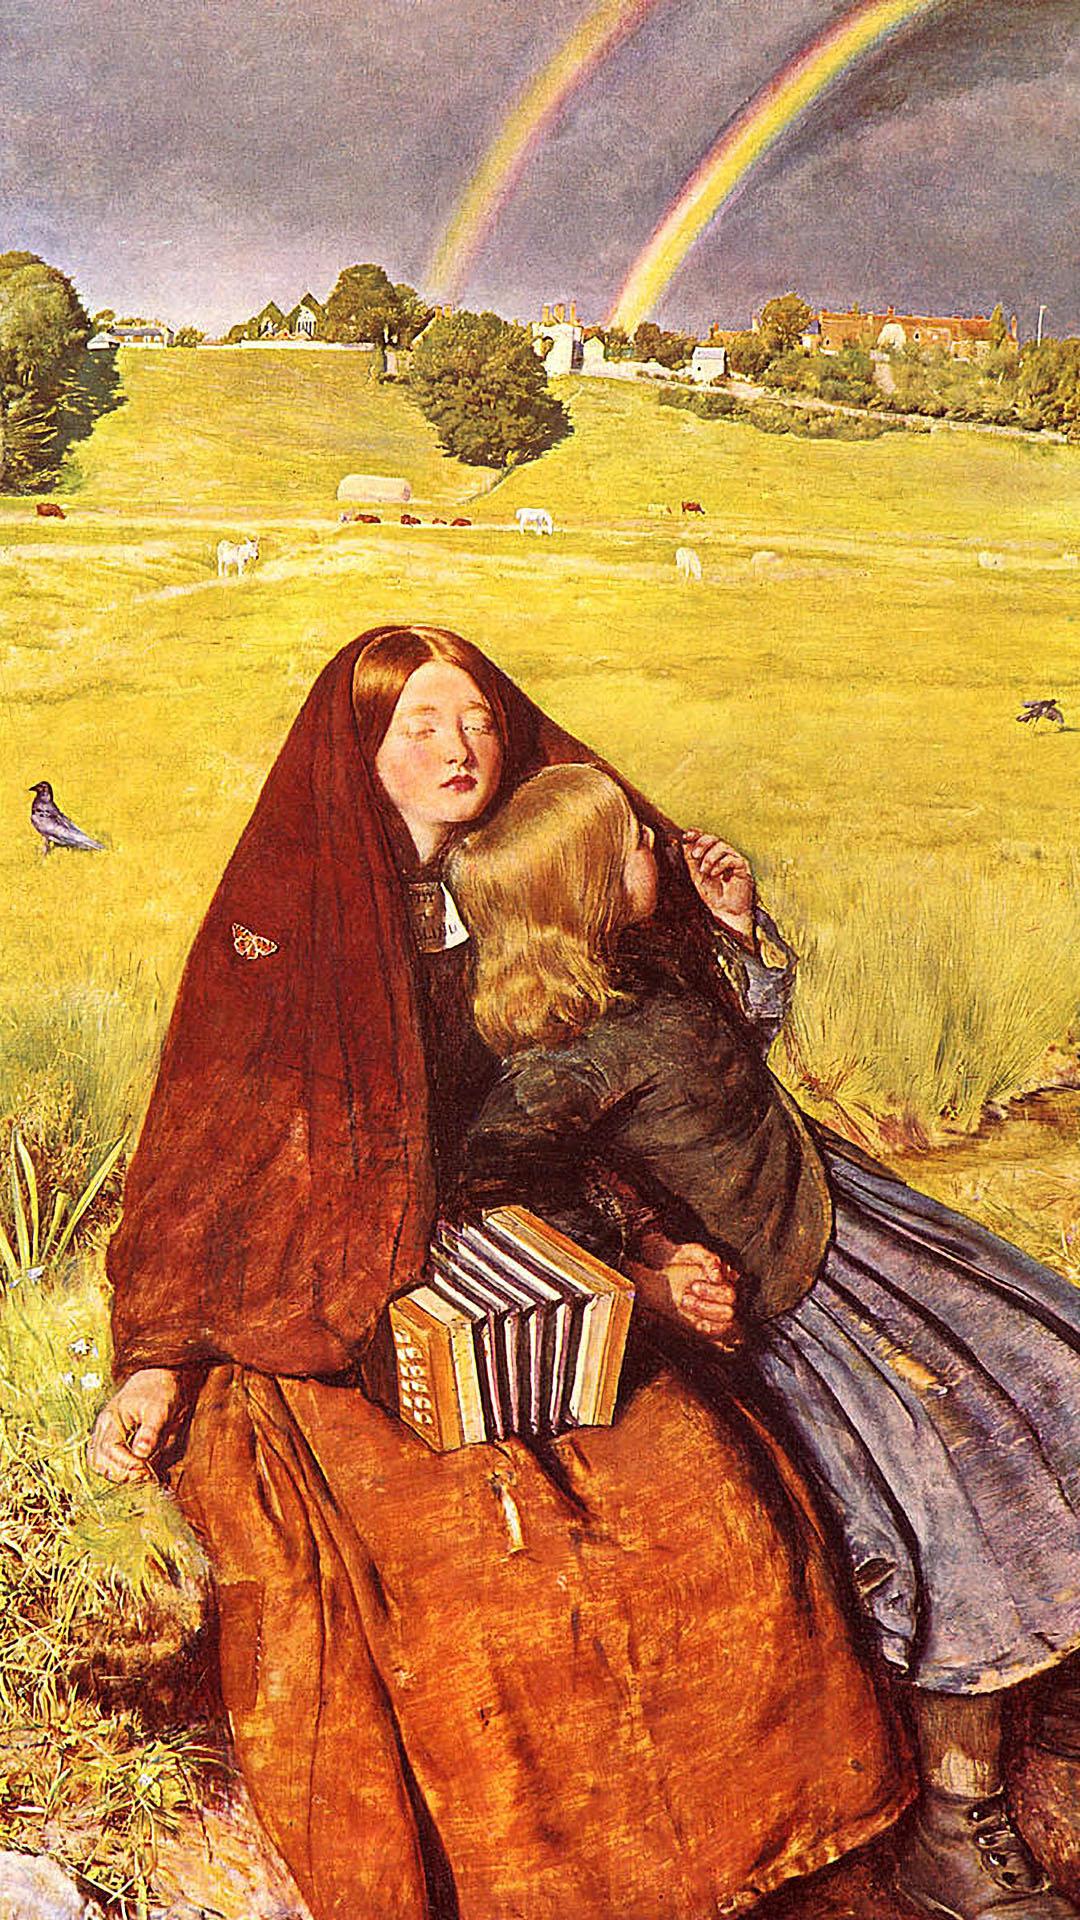 John Everett Millais - The Blind Girl 1080x1920